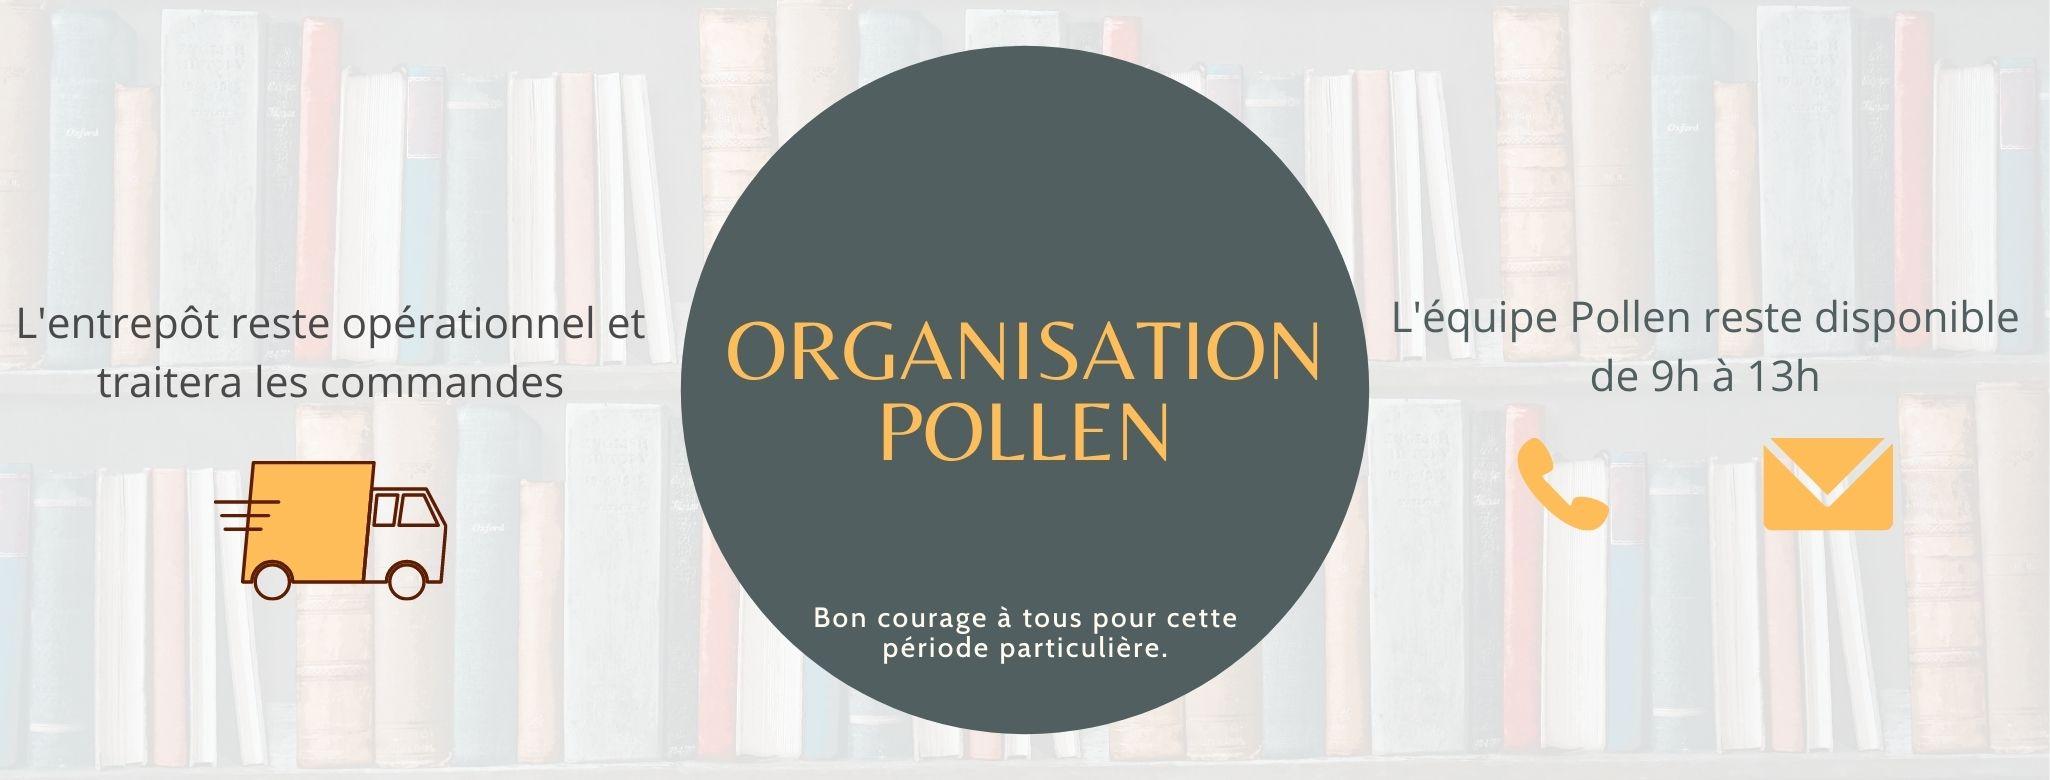 Organisation Pollen